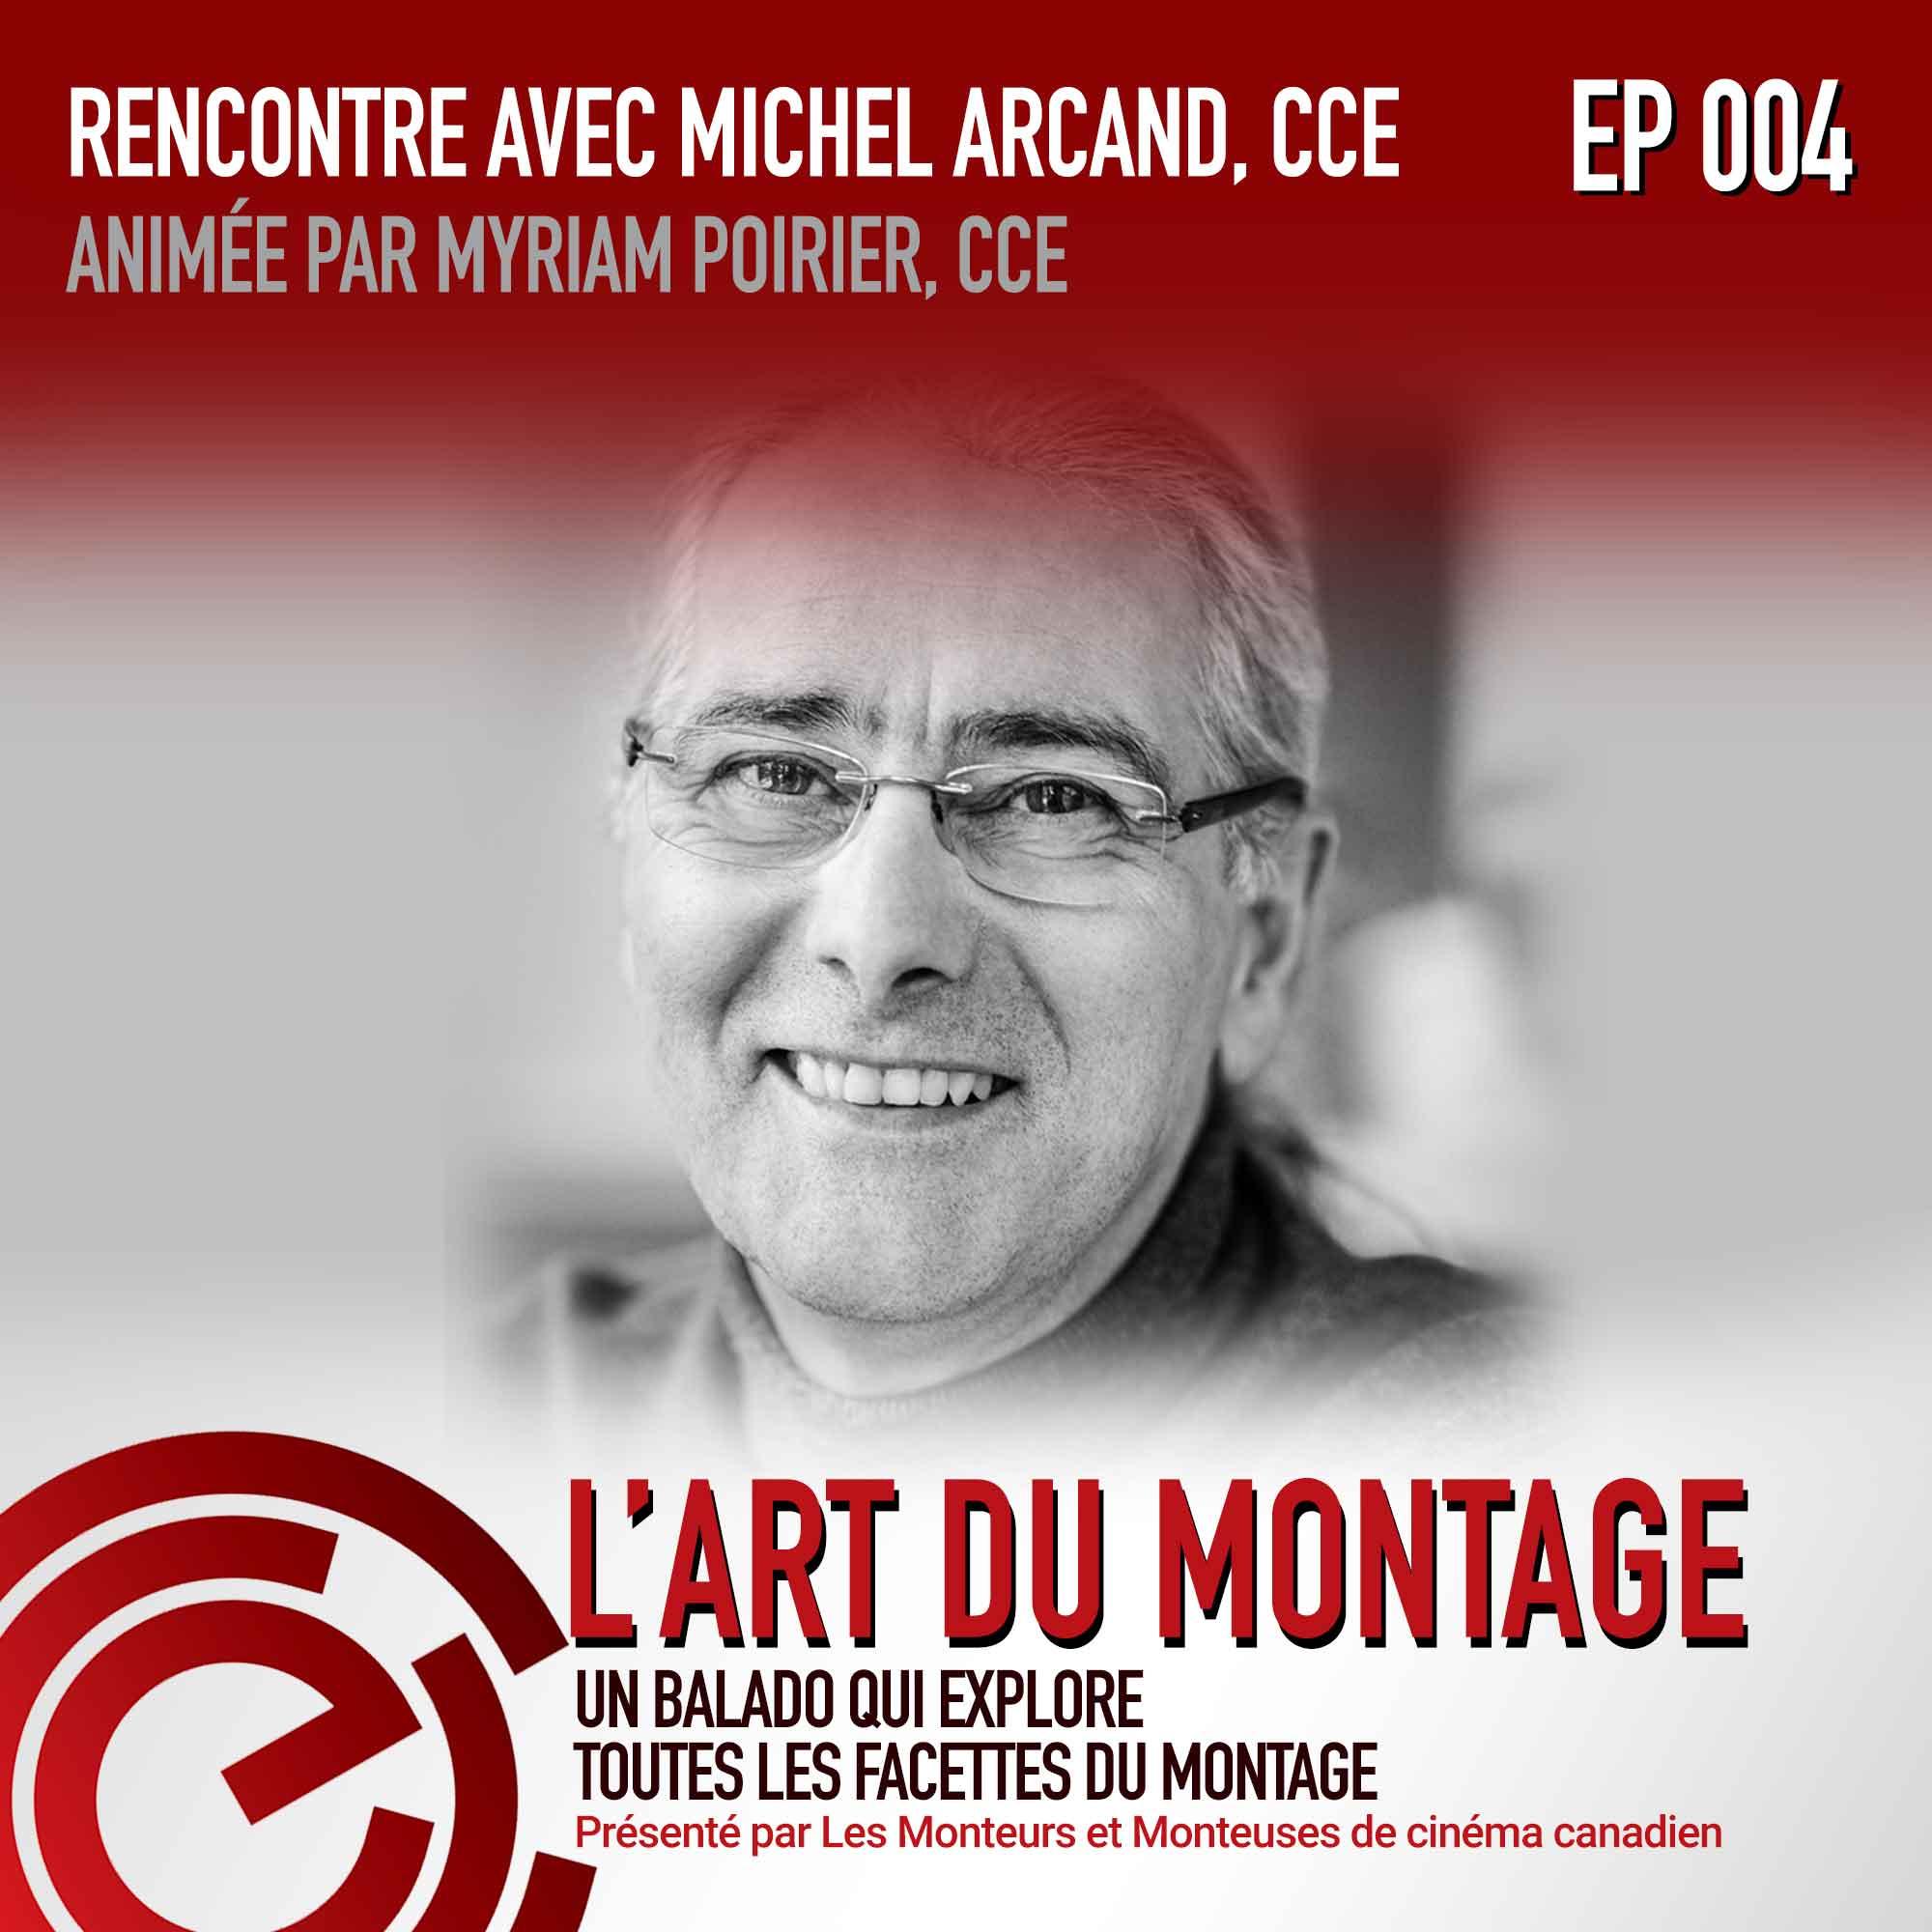 Épisode 004: L'art du Montage: Rencontre avec Michel Arcand, CCE, Interview with Michel Arcand, CCE